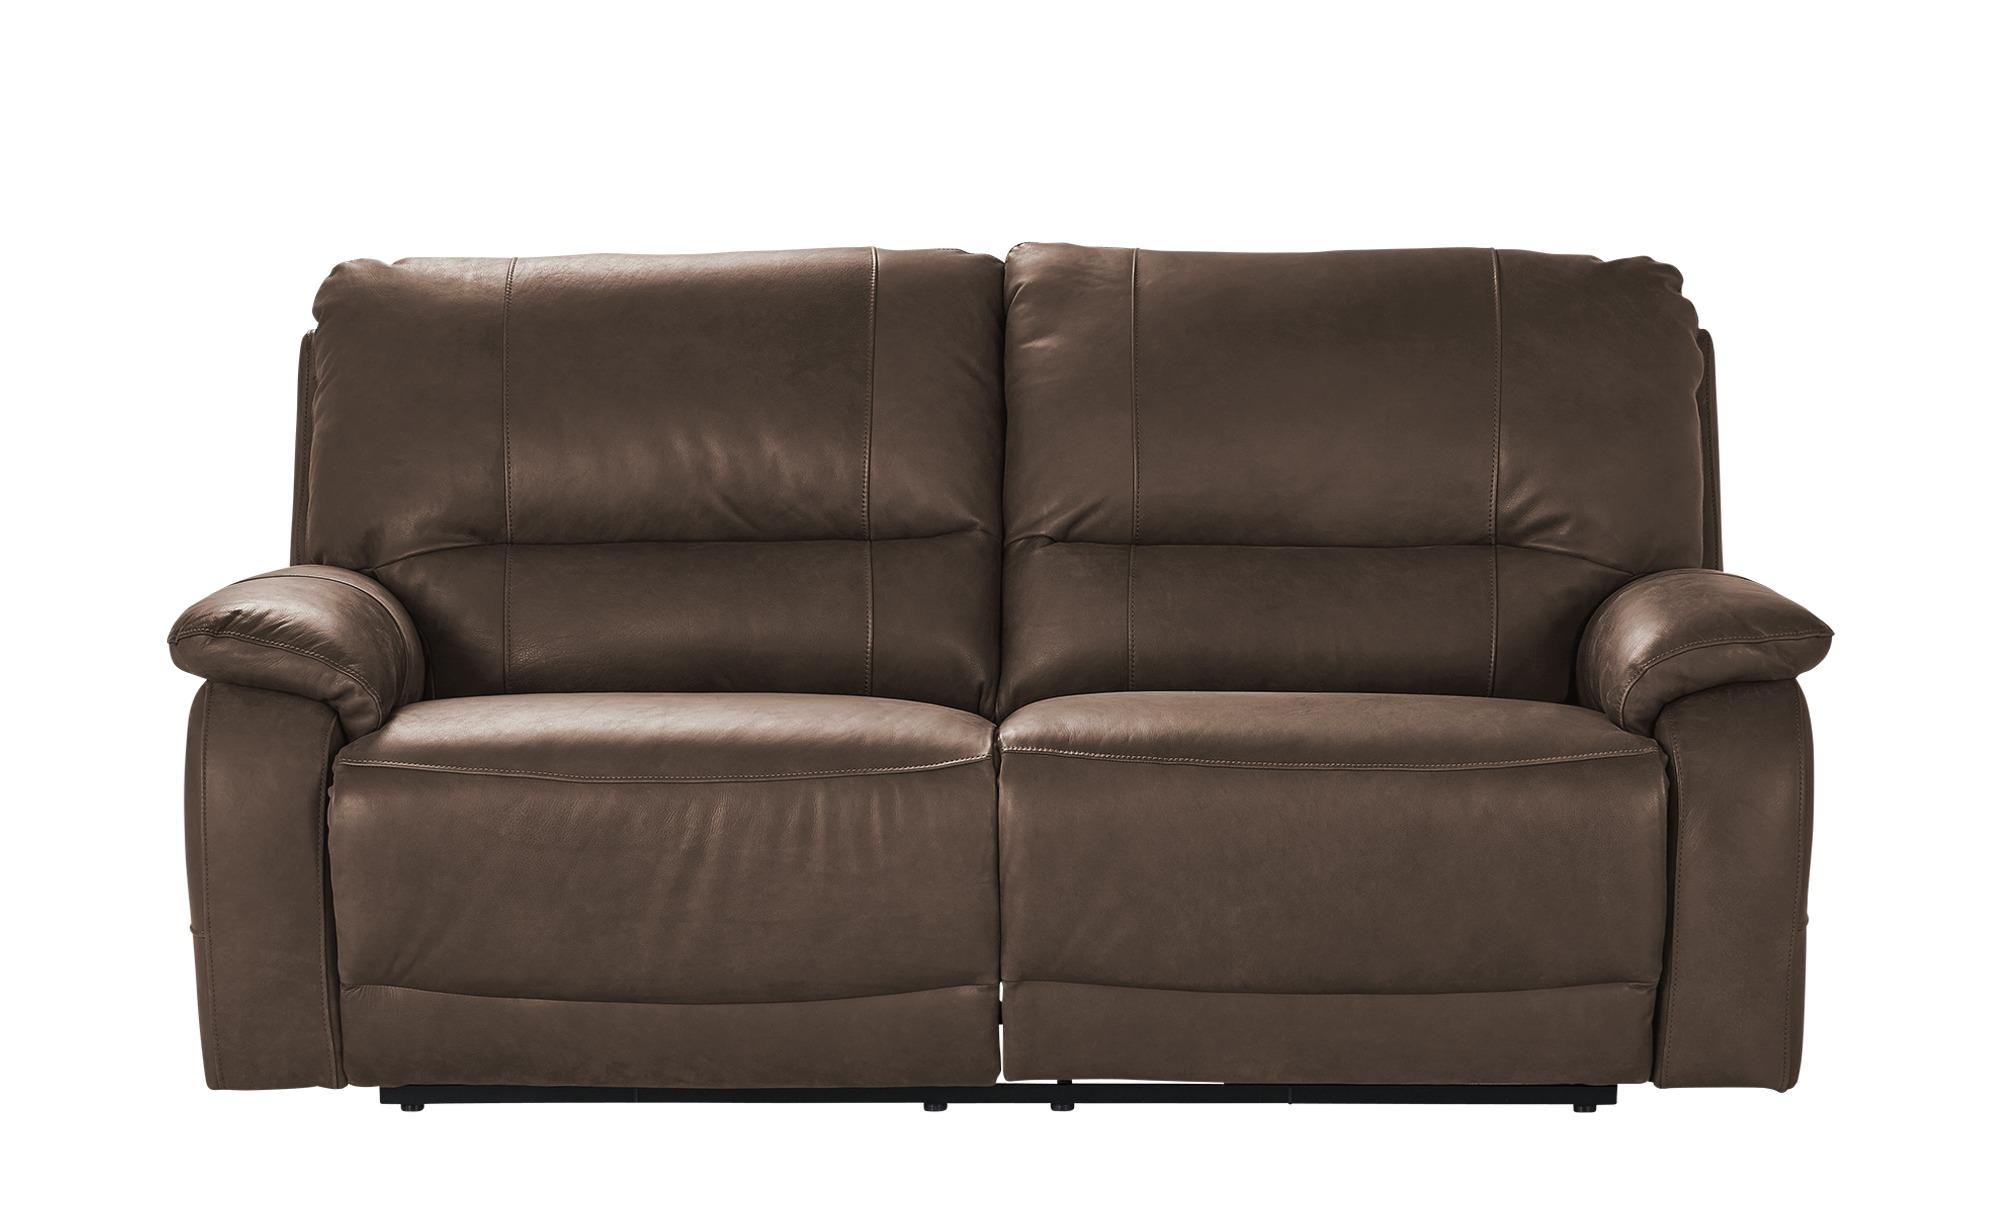 Wohnwert 3-Sitzer mit Relaxfunktion  Adelma ¦ braun ¦ Maße (cm): B: 206 H: 98 T: 103 Polstermöbel > Sofas > 3-Sitzer - Höffner